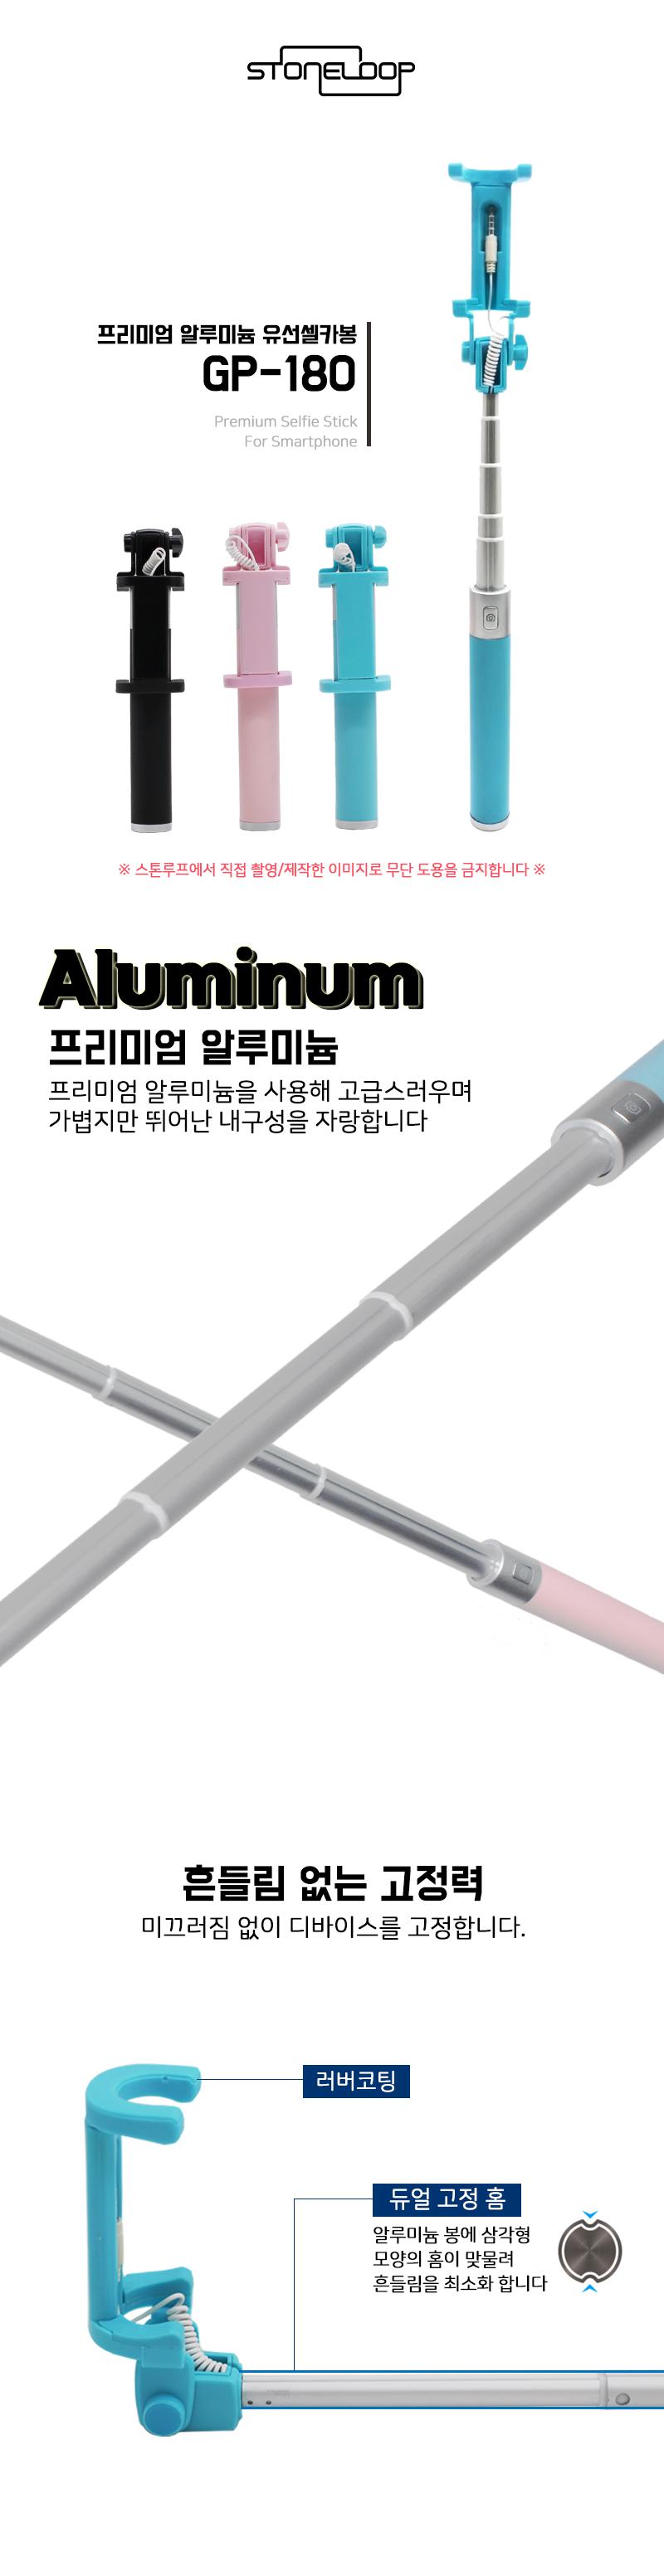 프리미엄 알루미늄 유선 셀카봉 GP180 - 스톤루프, 18,500원, 셀피렌즈/봉/셀피ACC, 셀카봉